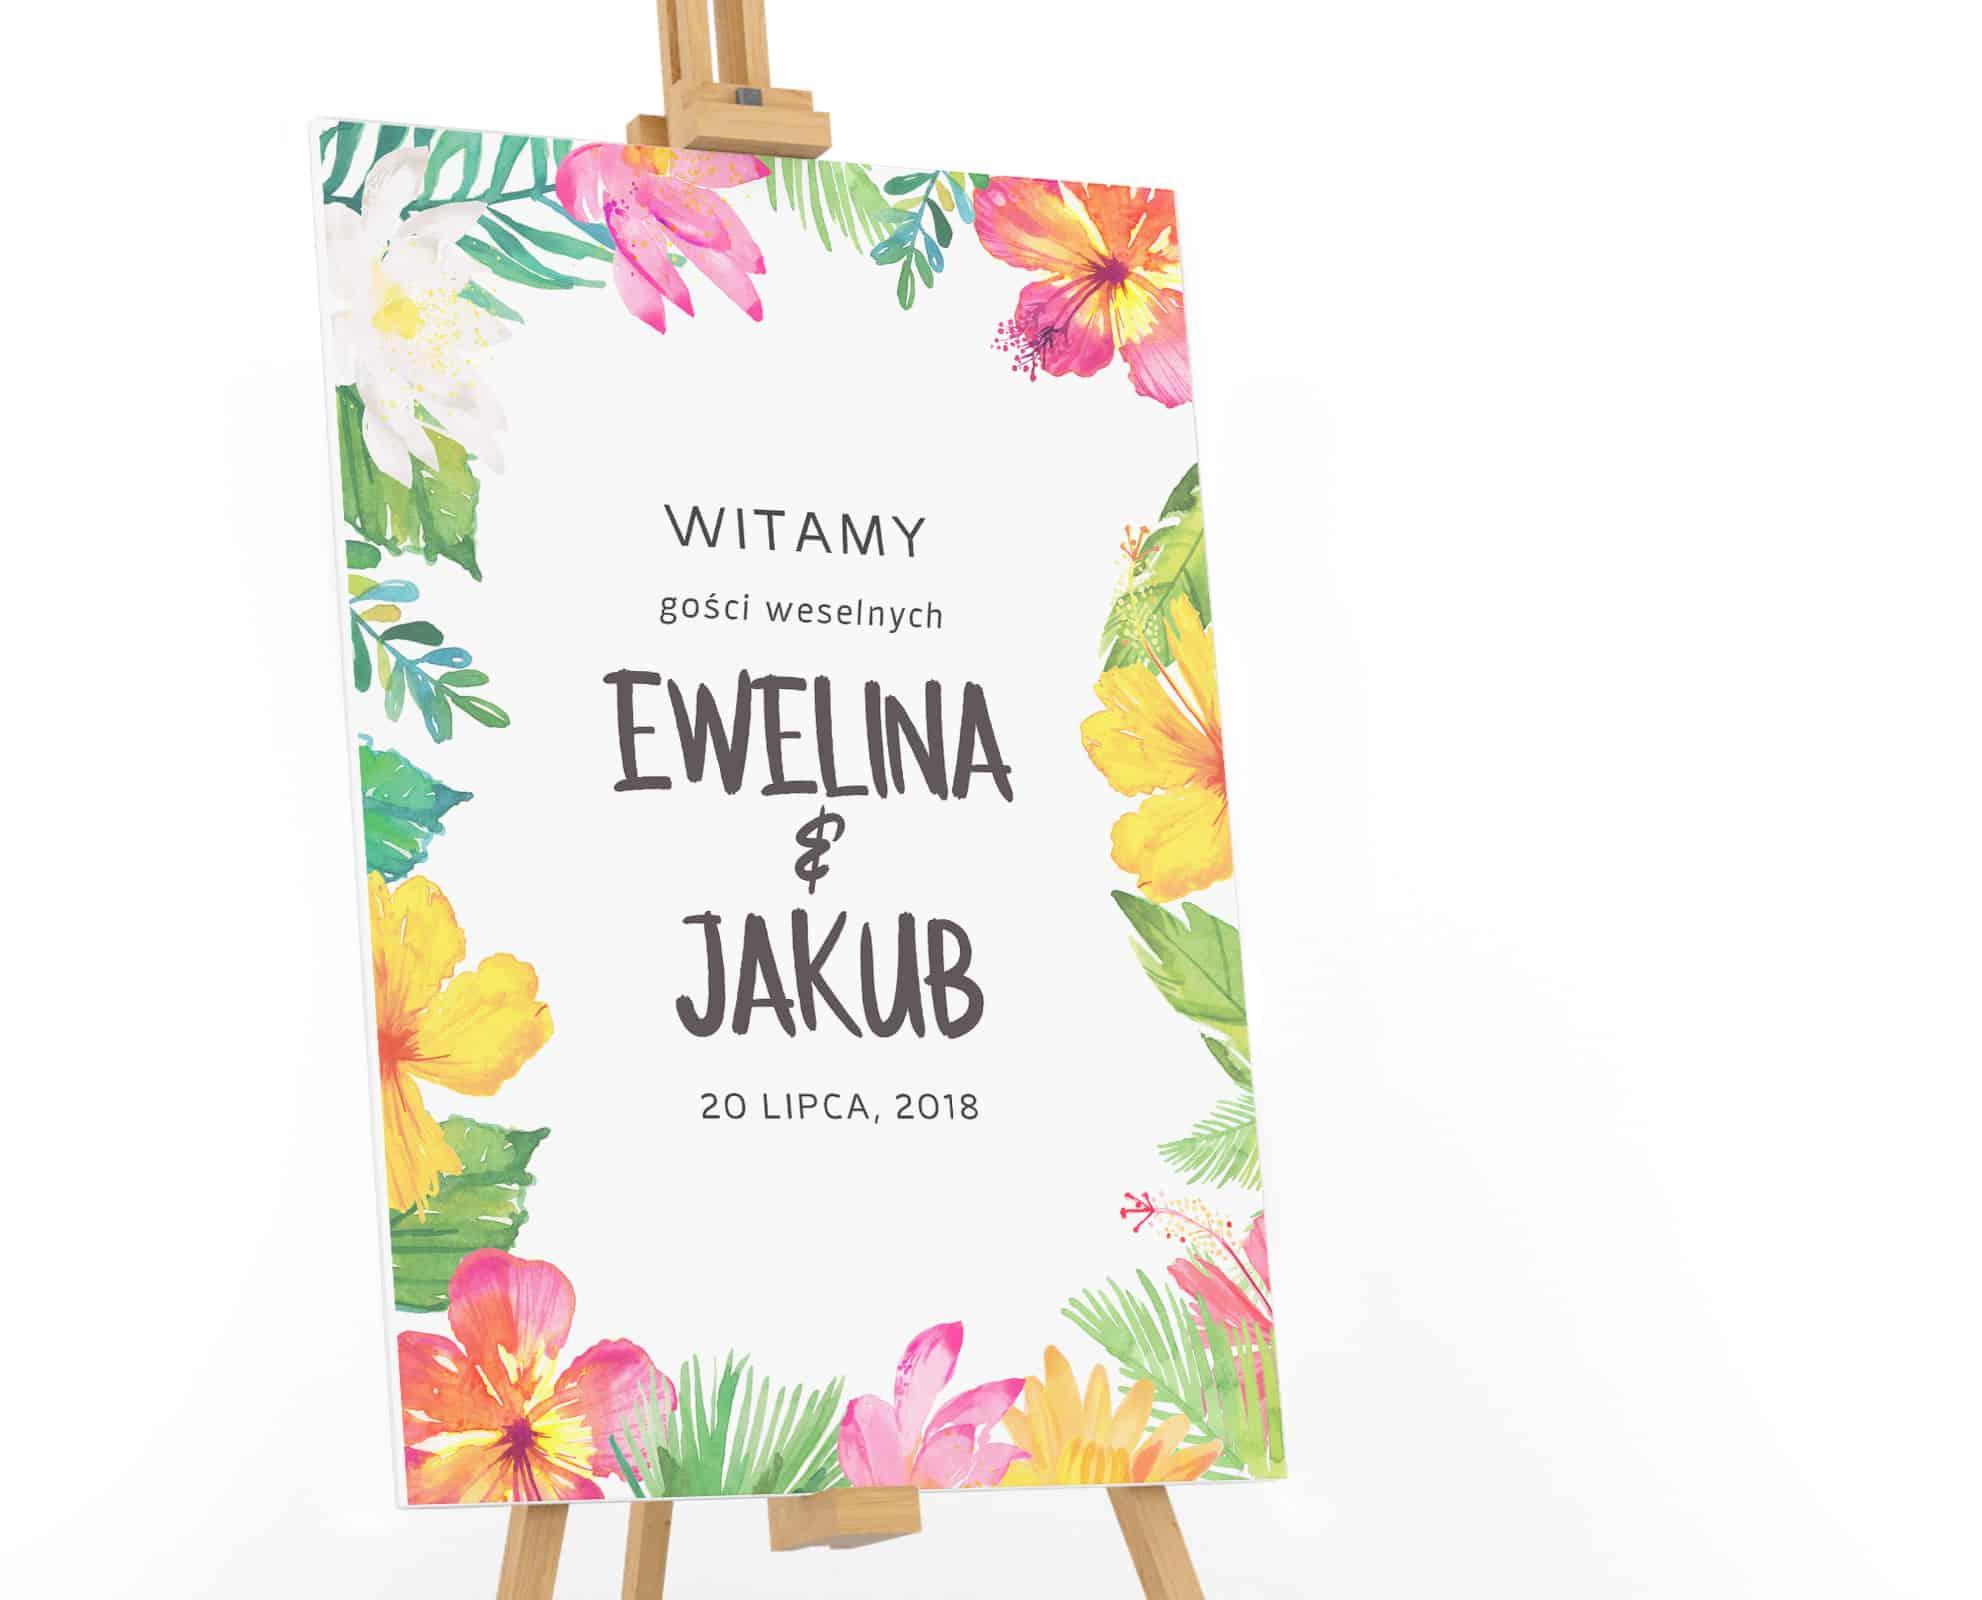 Tablica powitalna dla gości weselnych z tropikalnymi kwiatami